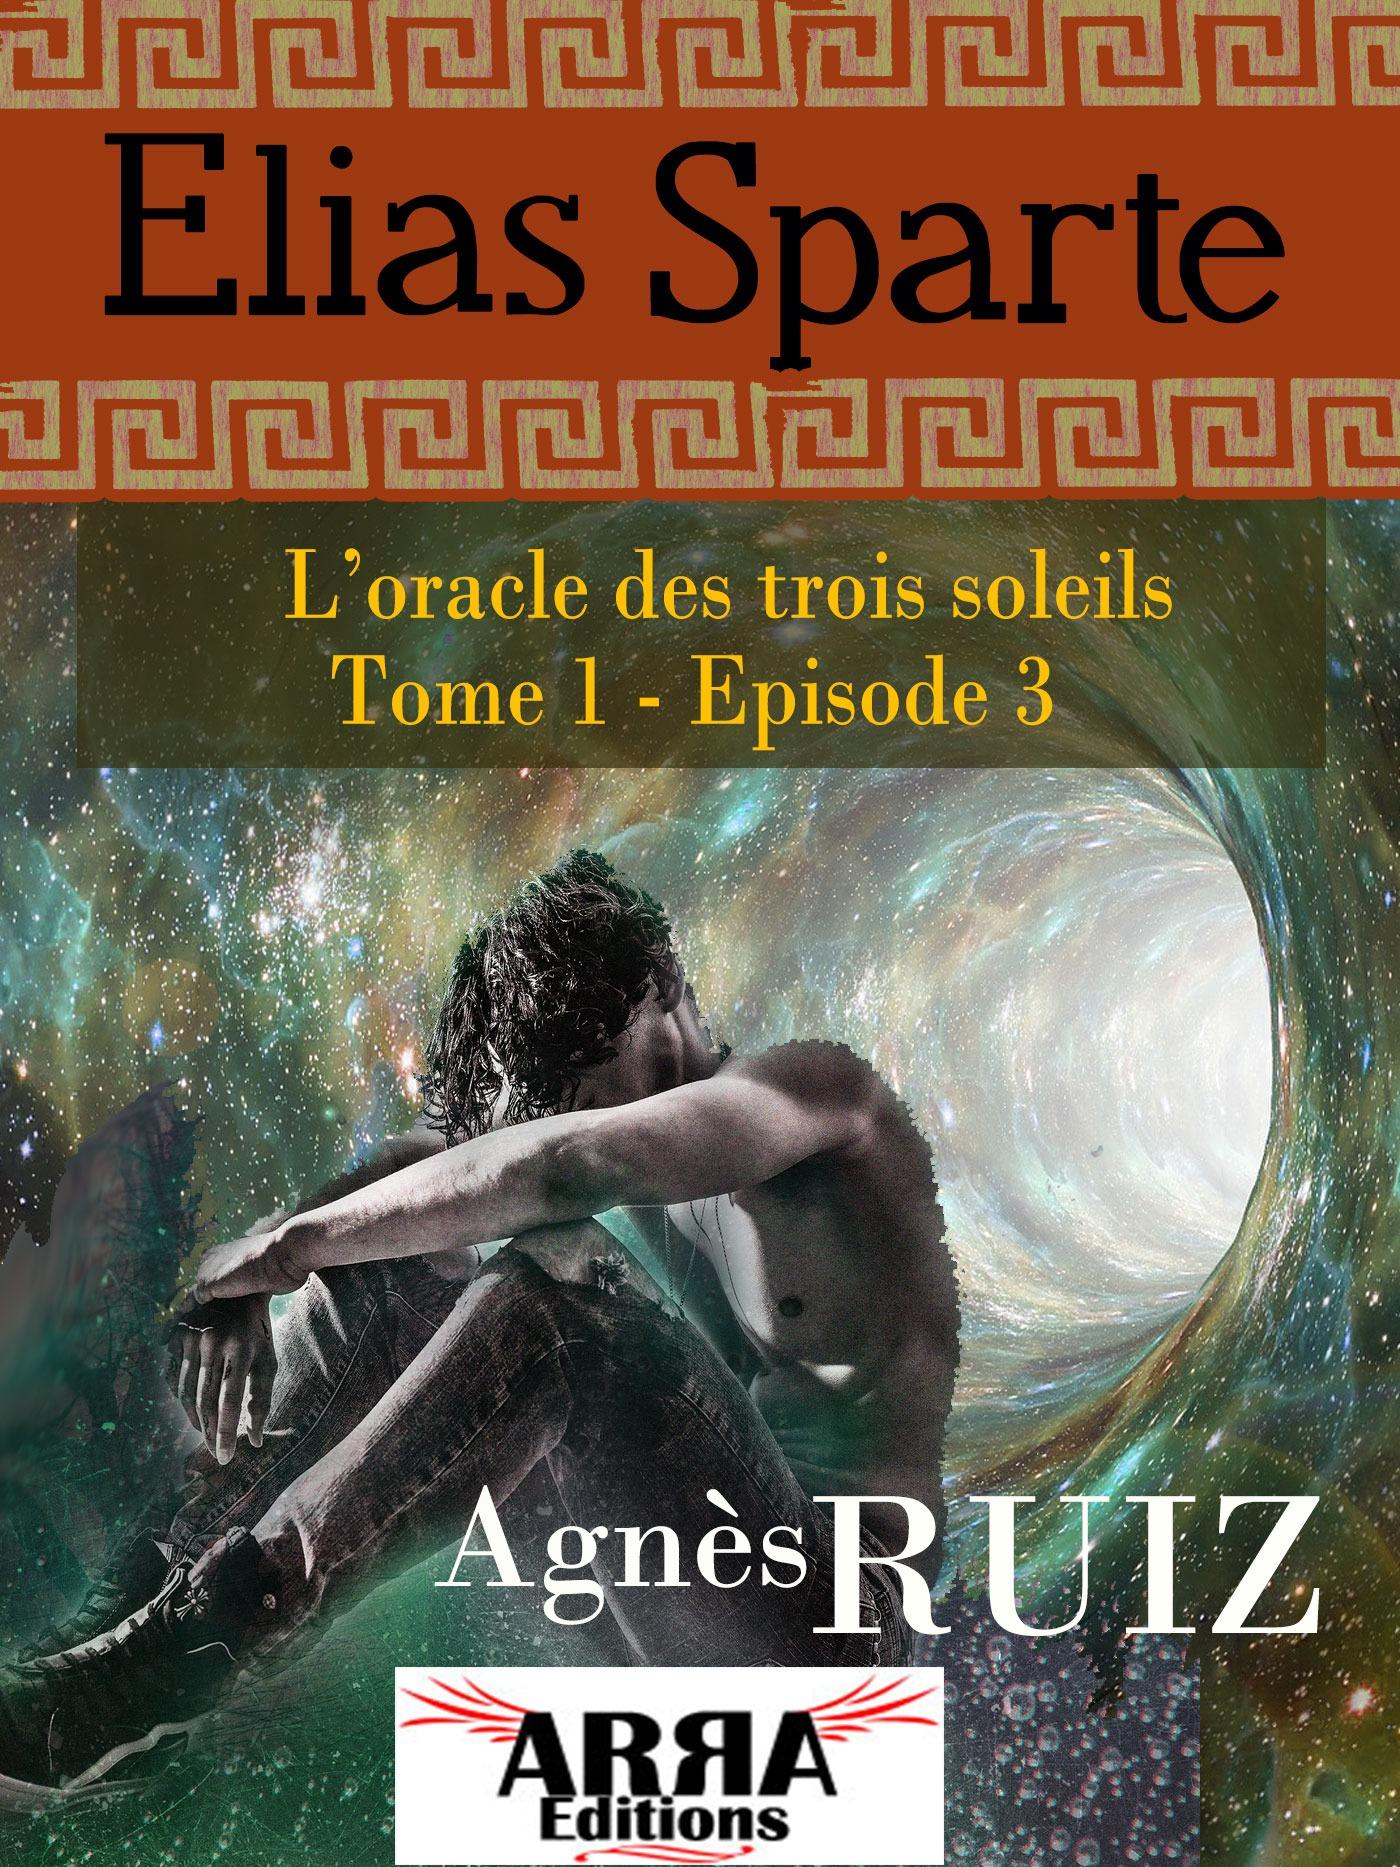 L'oracle des trois soleils, tome 1, épisode 3 (Elias Sparte)